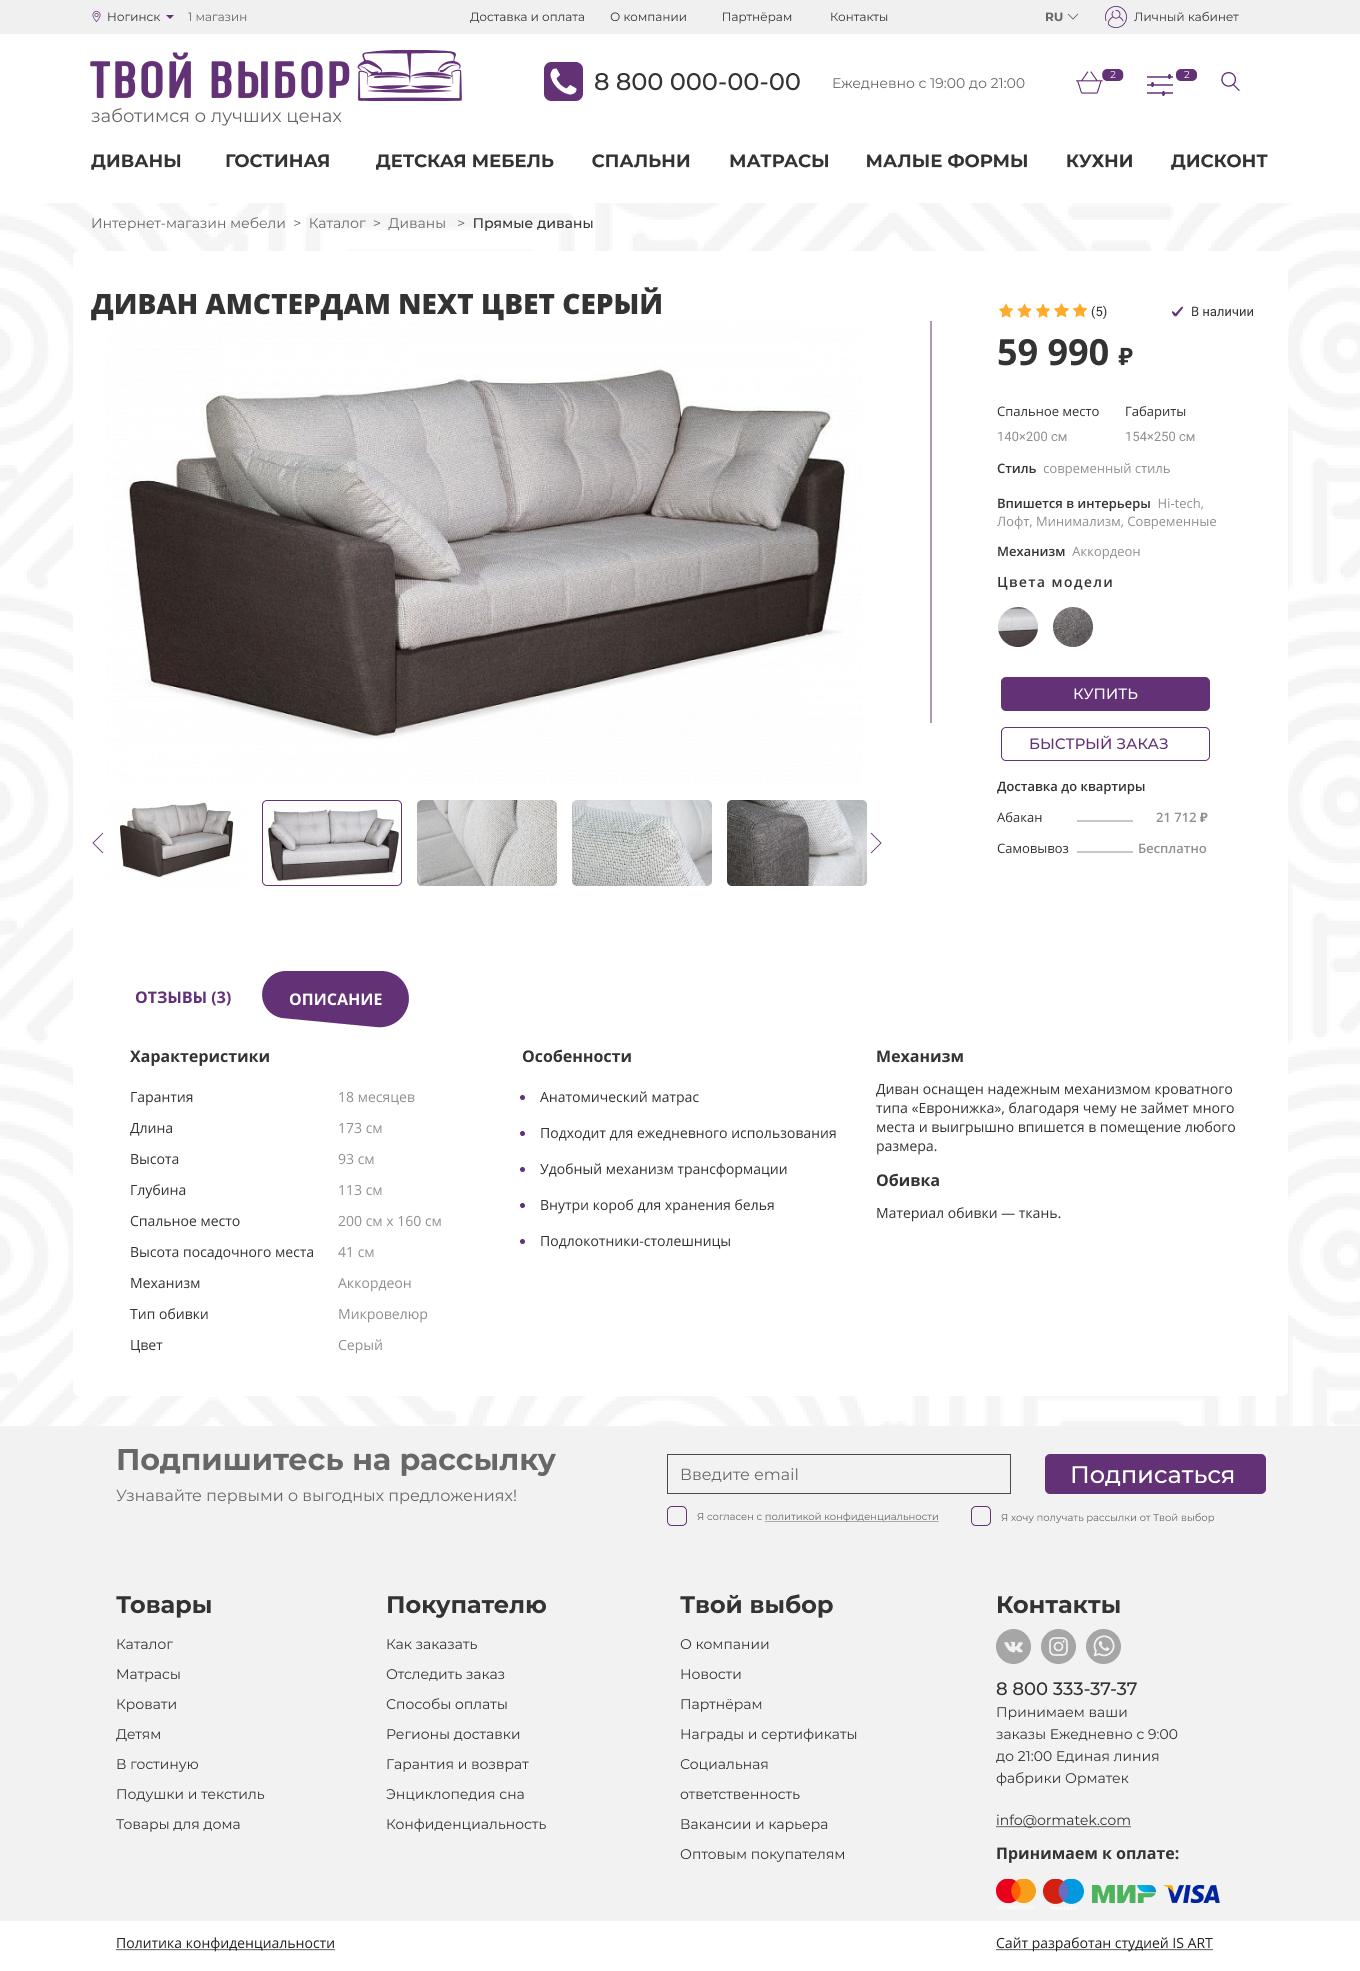 Макет сайта Интернет-магазин мебели Твой Выбор 3